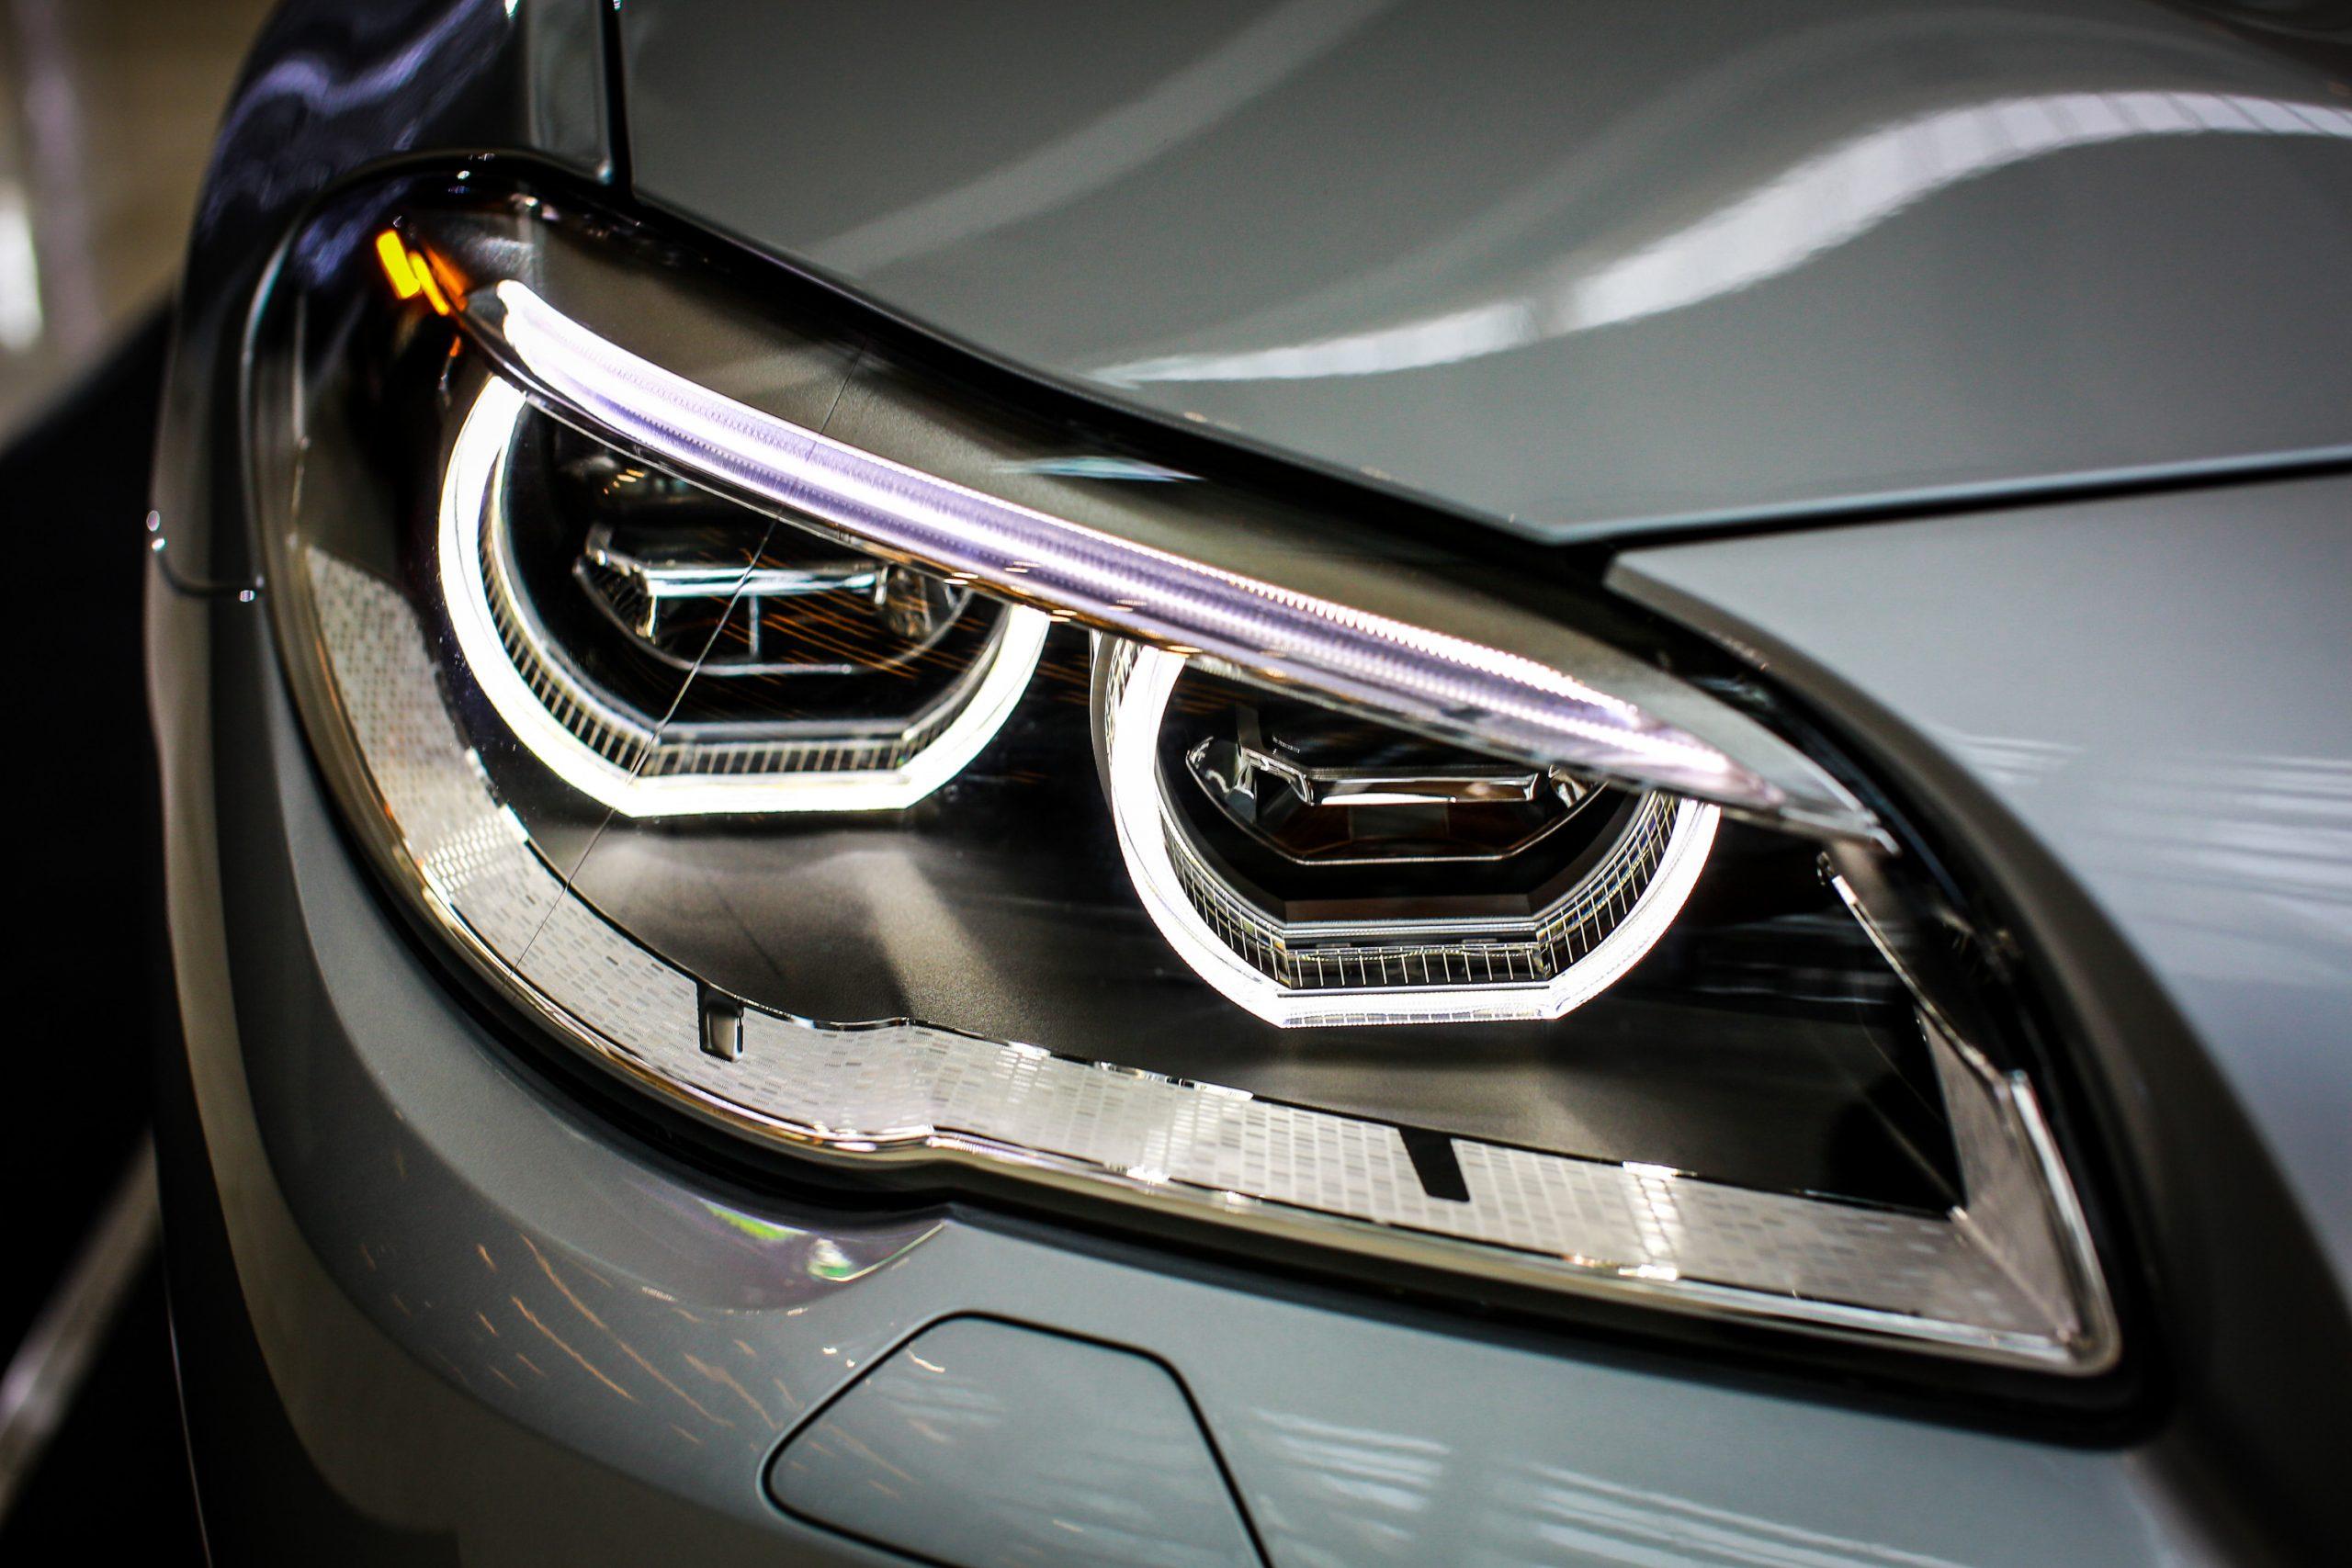 Les problèmes les plus courants avec les phares Full LED de la Bmw 5 F10 F11 M5